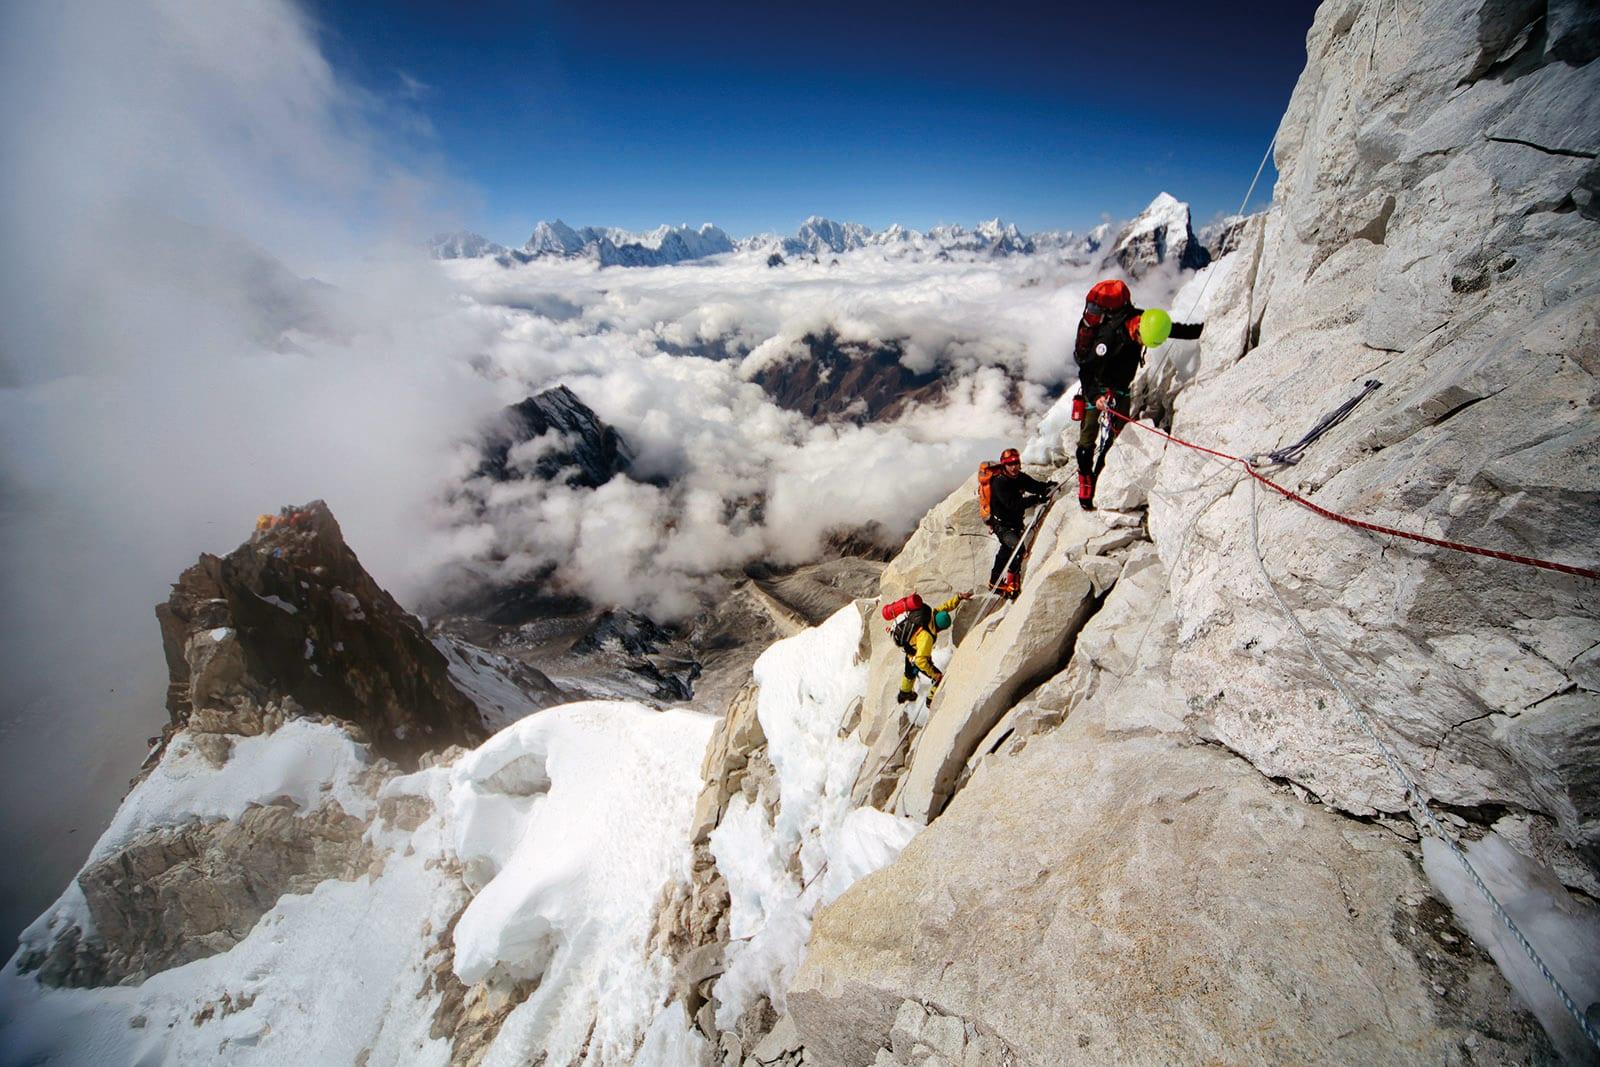 Mot toppen: Klatrerne på vei opp Grey Tower, et 150 meter høyt bratt parti. Til venstre sees Camp 2 som er limt fast på klippene. Foto: Matti Bernitz